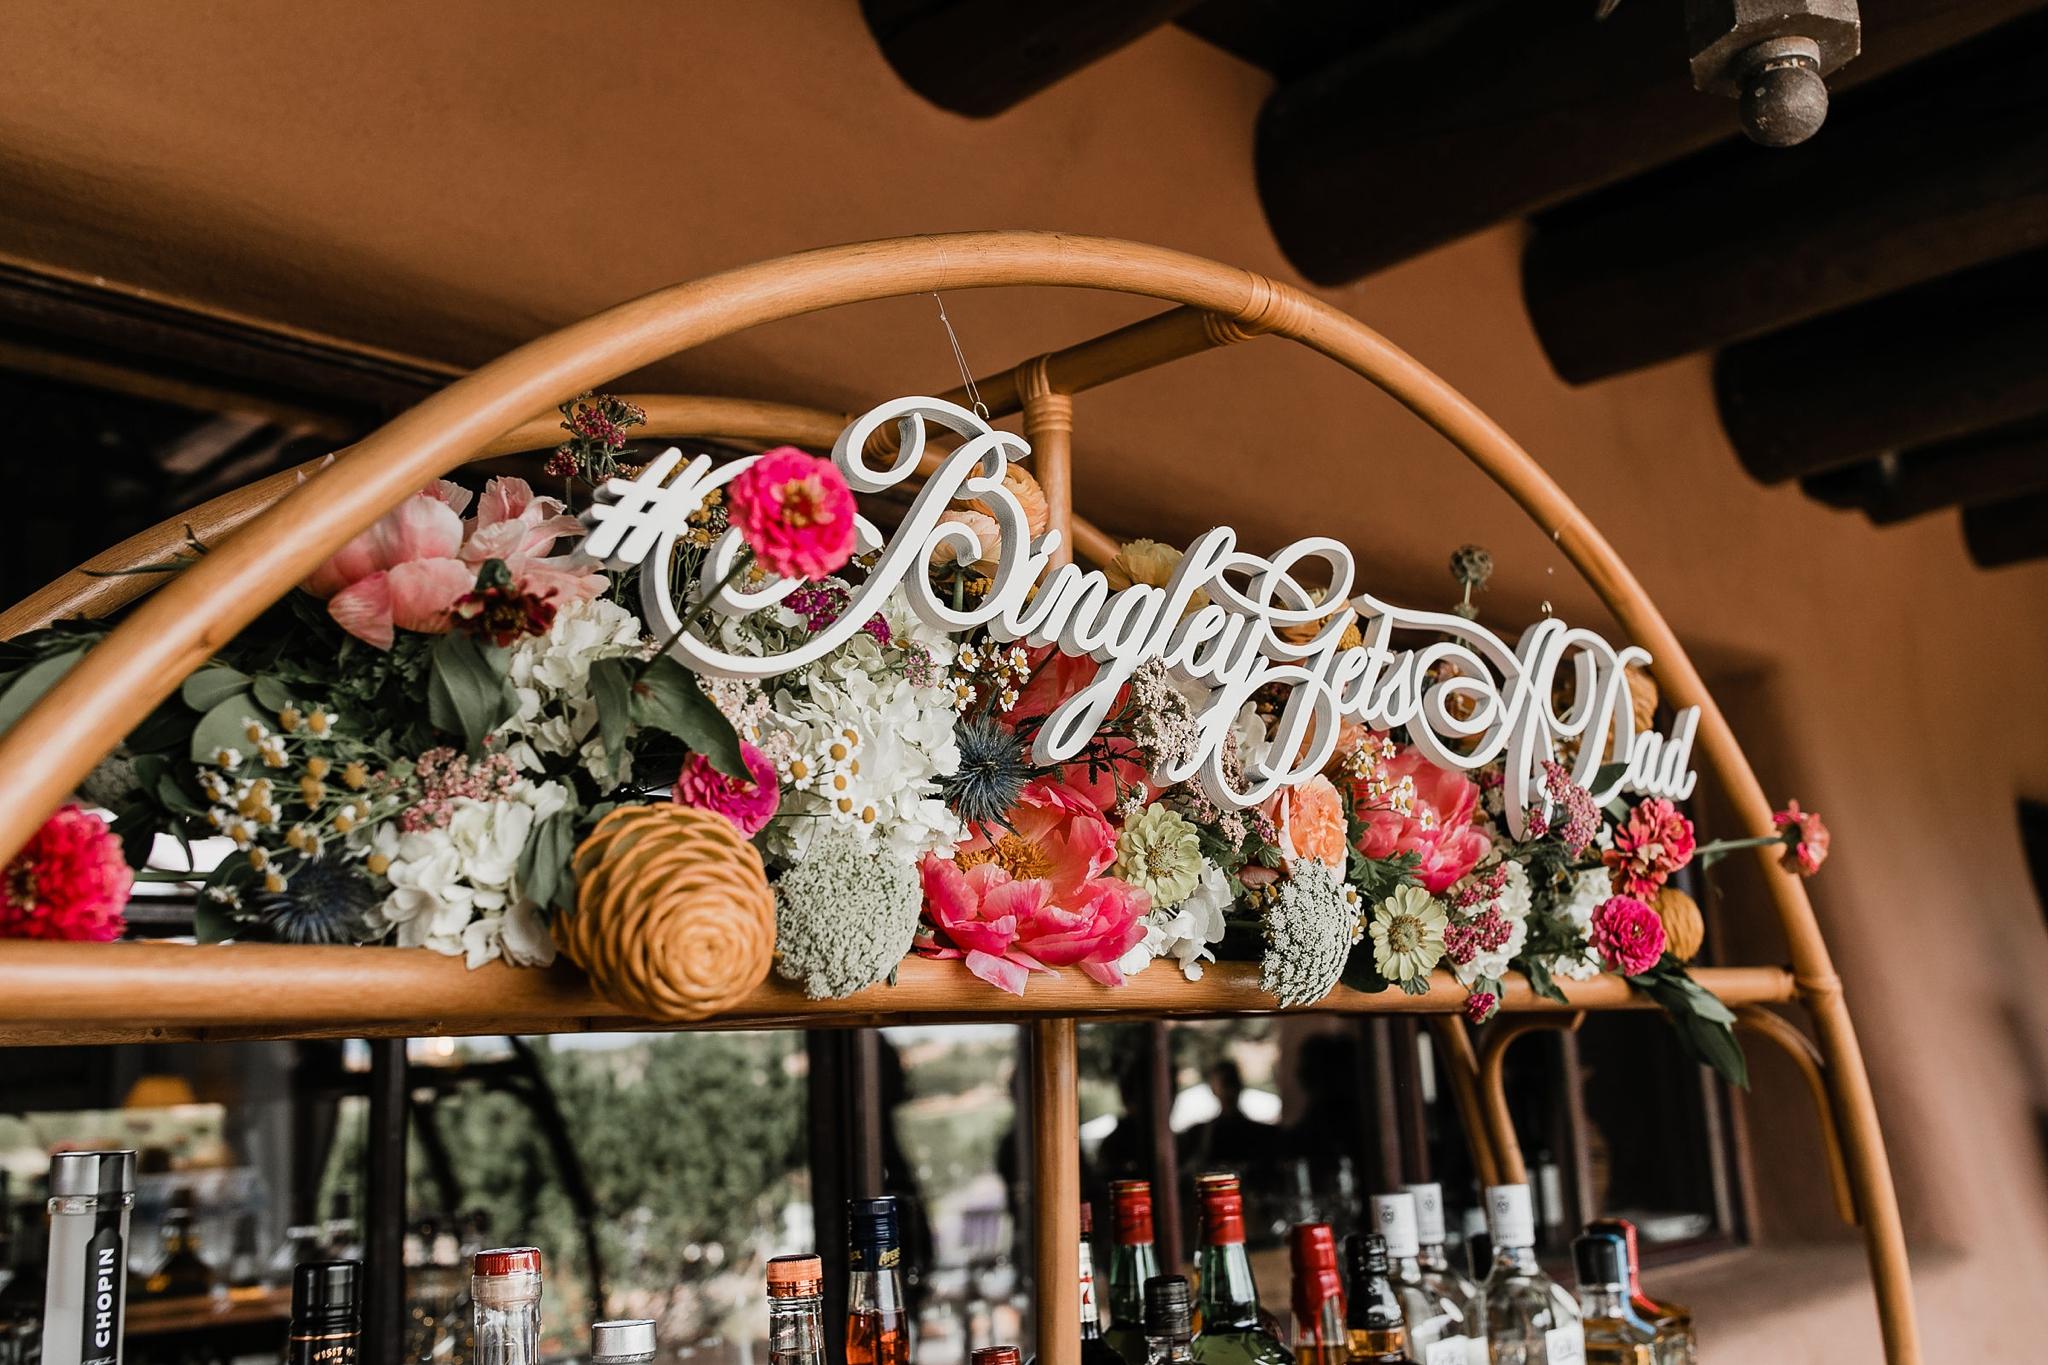 Alicia+lucia+photography+-+albuquerque+wedding+photographer+-+santa+fe+wedding+photography+-+new+mexico+wedding+photographer+-+new+mexico+wedding+-+summer+wedding+-+summer+wedding+florals+-+southwest+wedding_0088.jpg